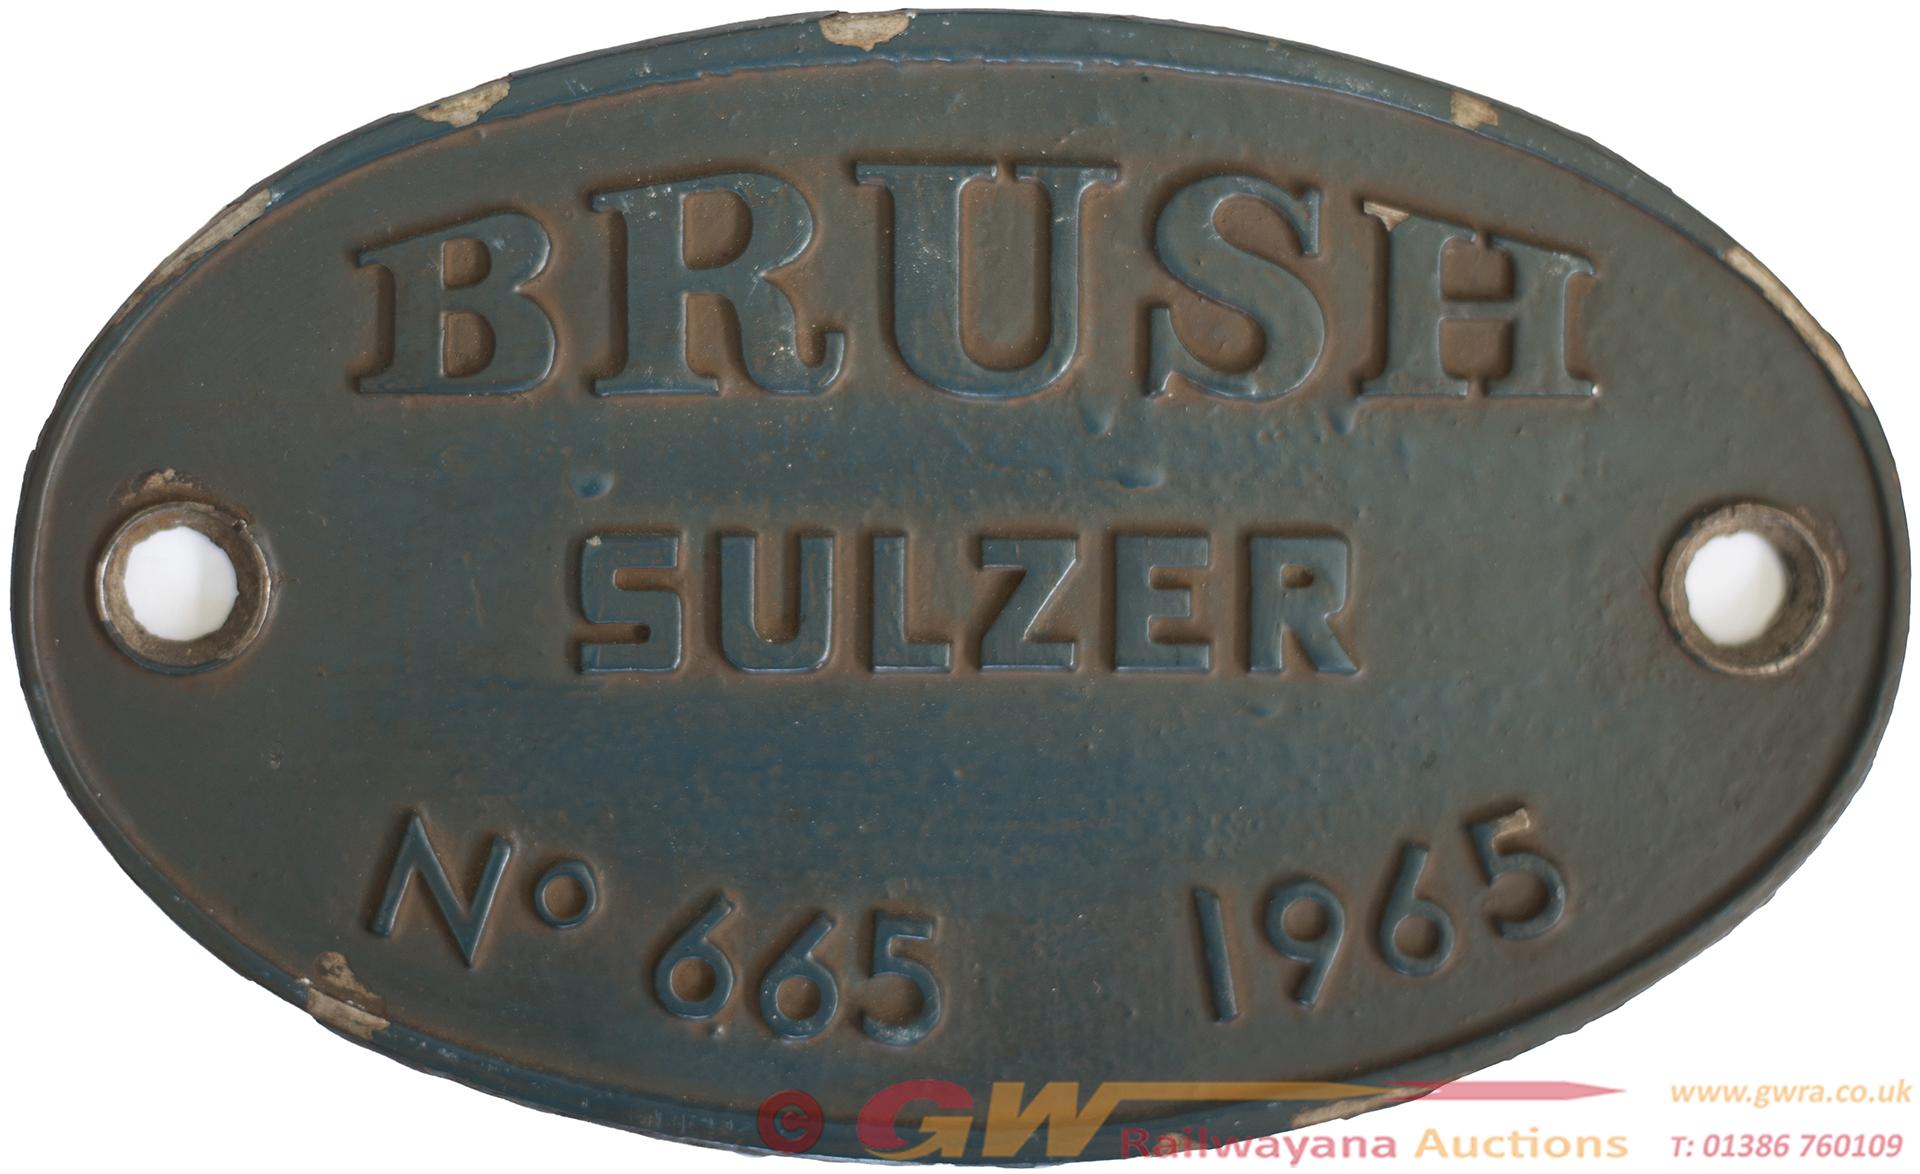 Worksplate BRUSH SULZER No 665 1965 Ex British